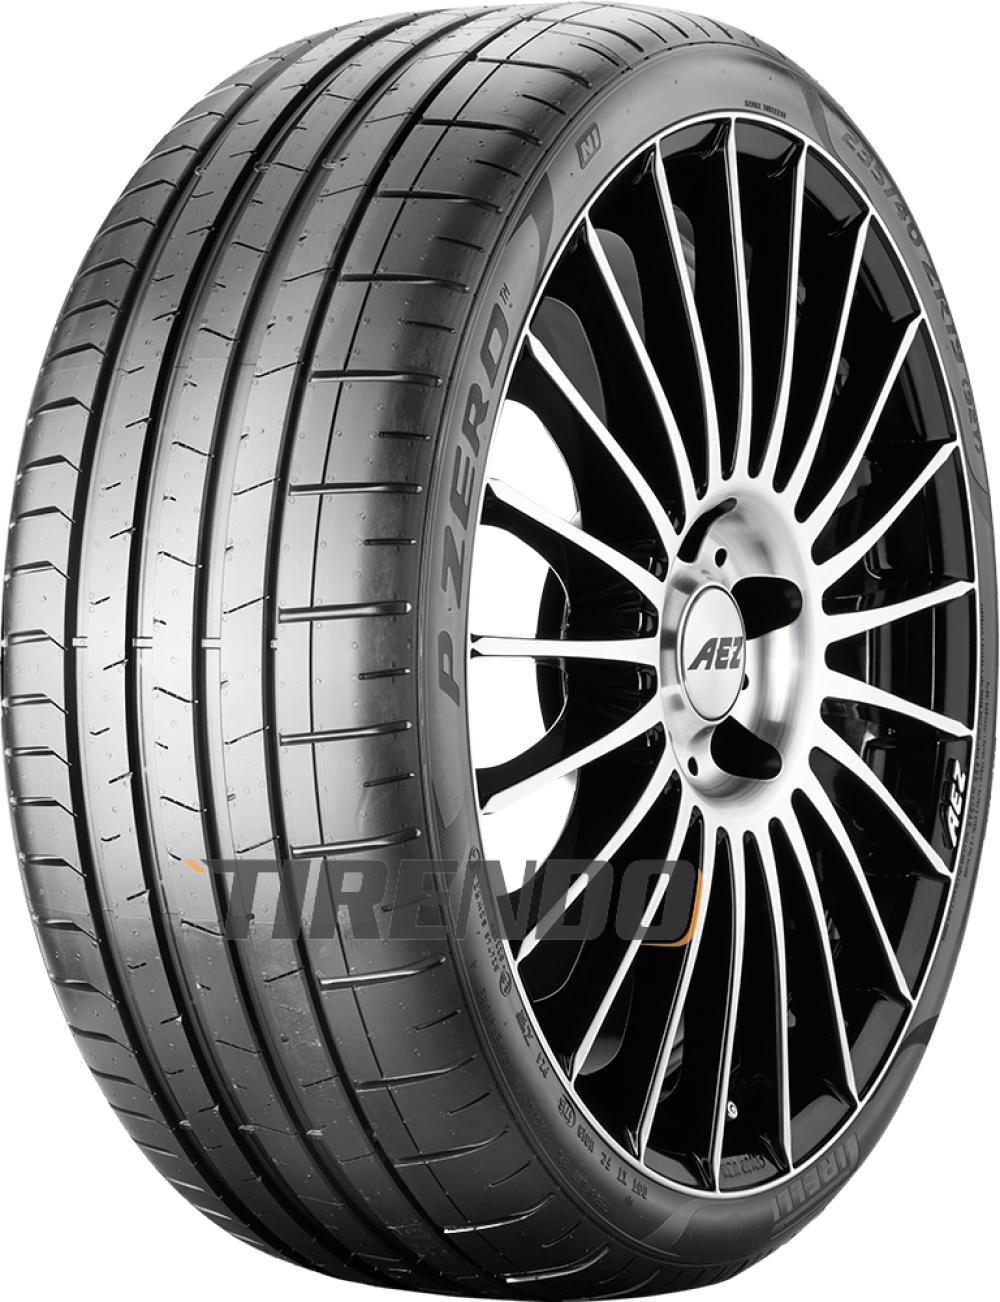 Pirelli P Zero SC ( 335/30 ZR24 (112Y) XL )